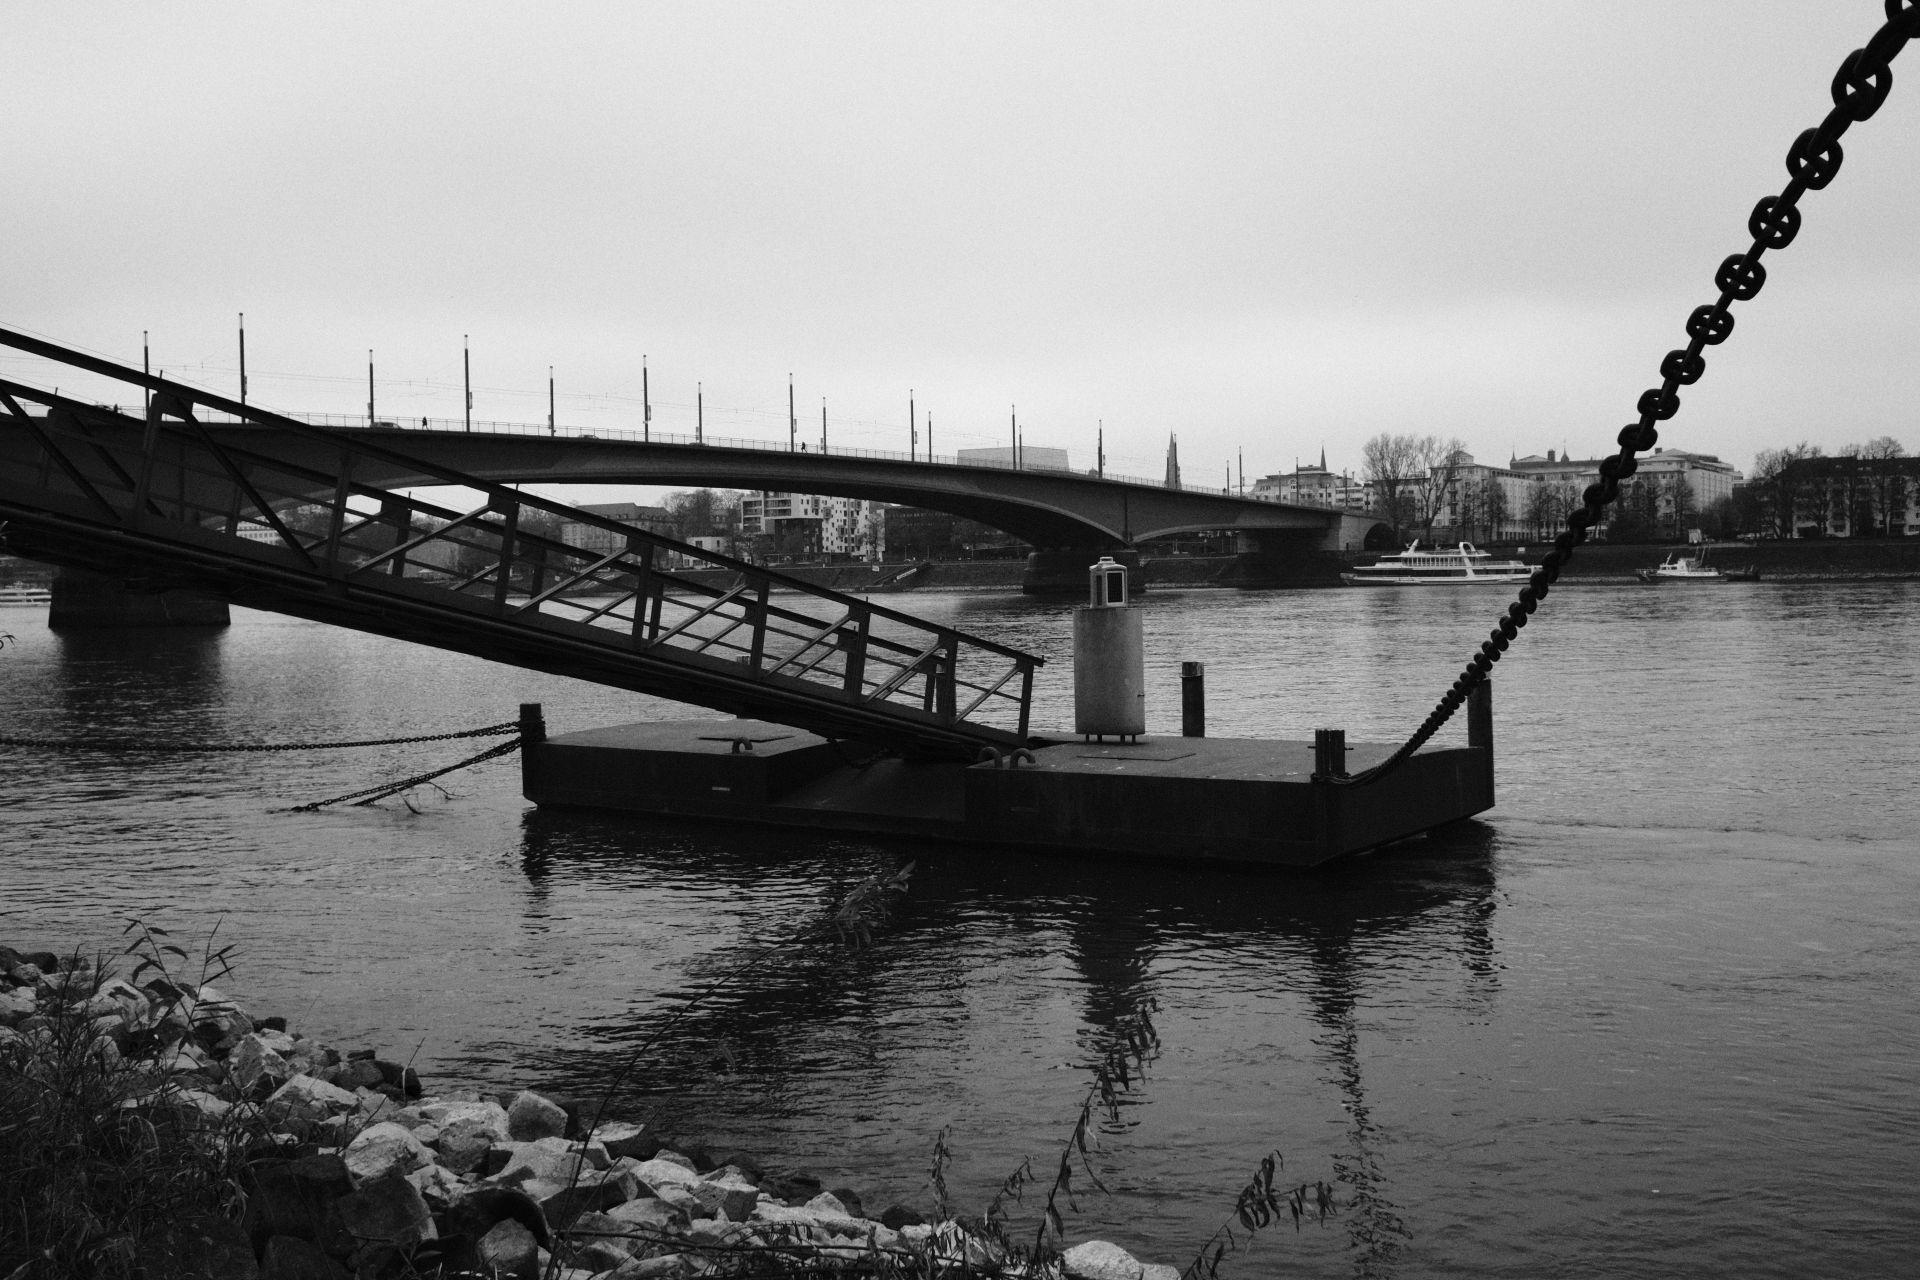 Kennedybrücke 1/4000sec ISO-4000 22mm